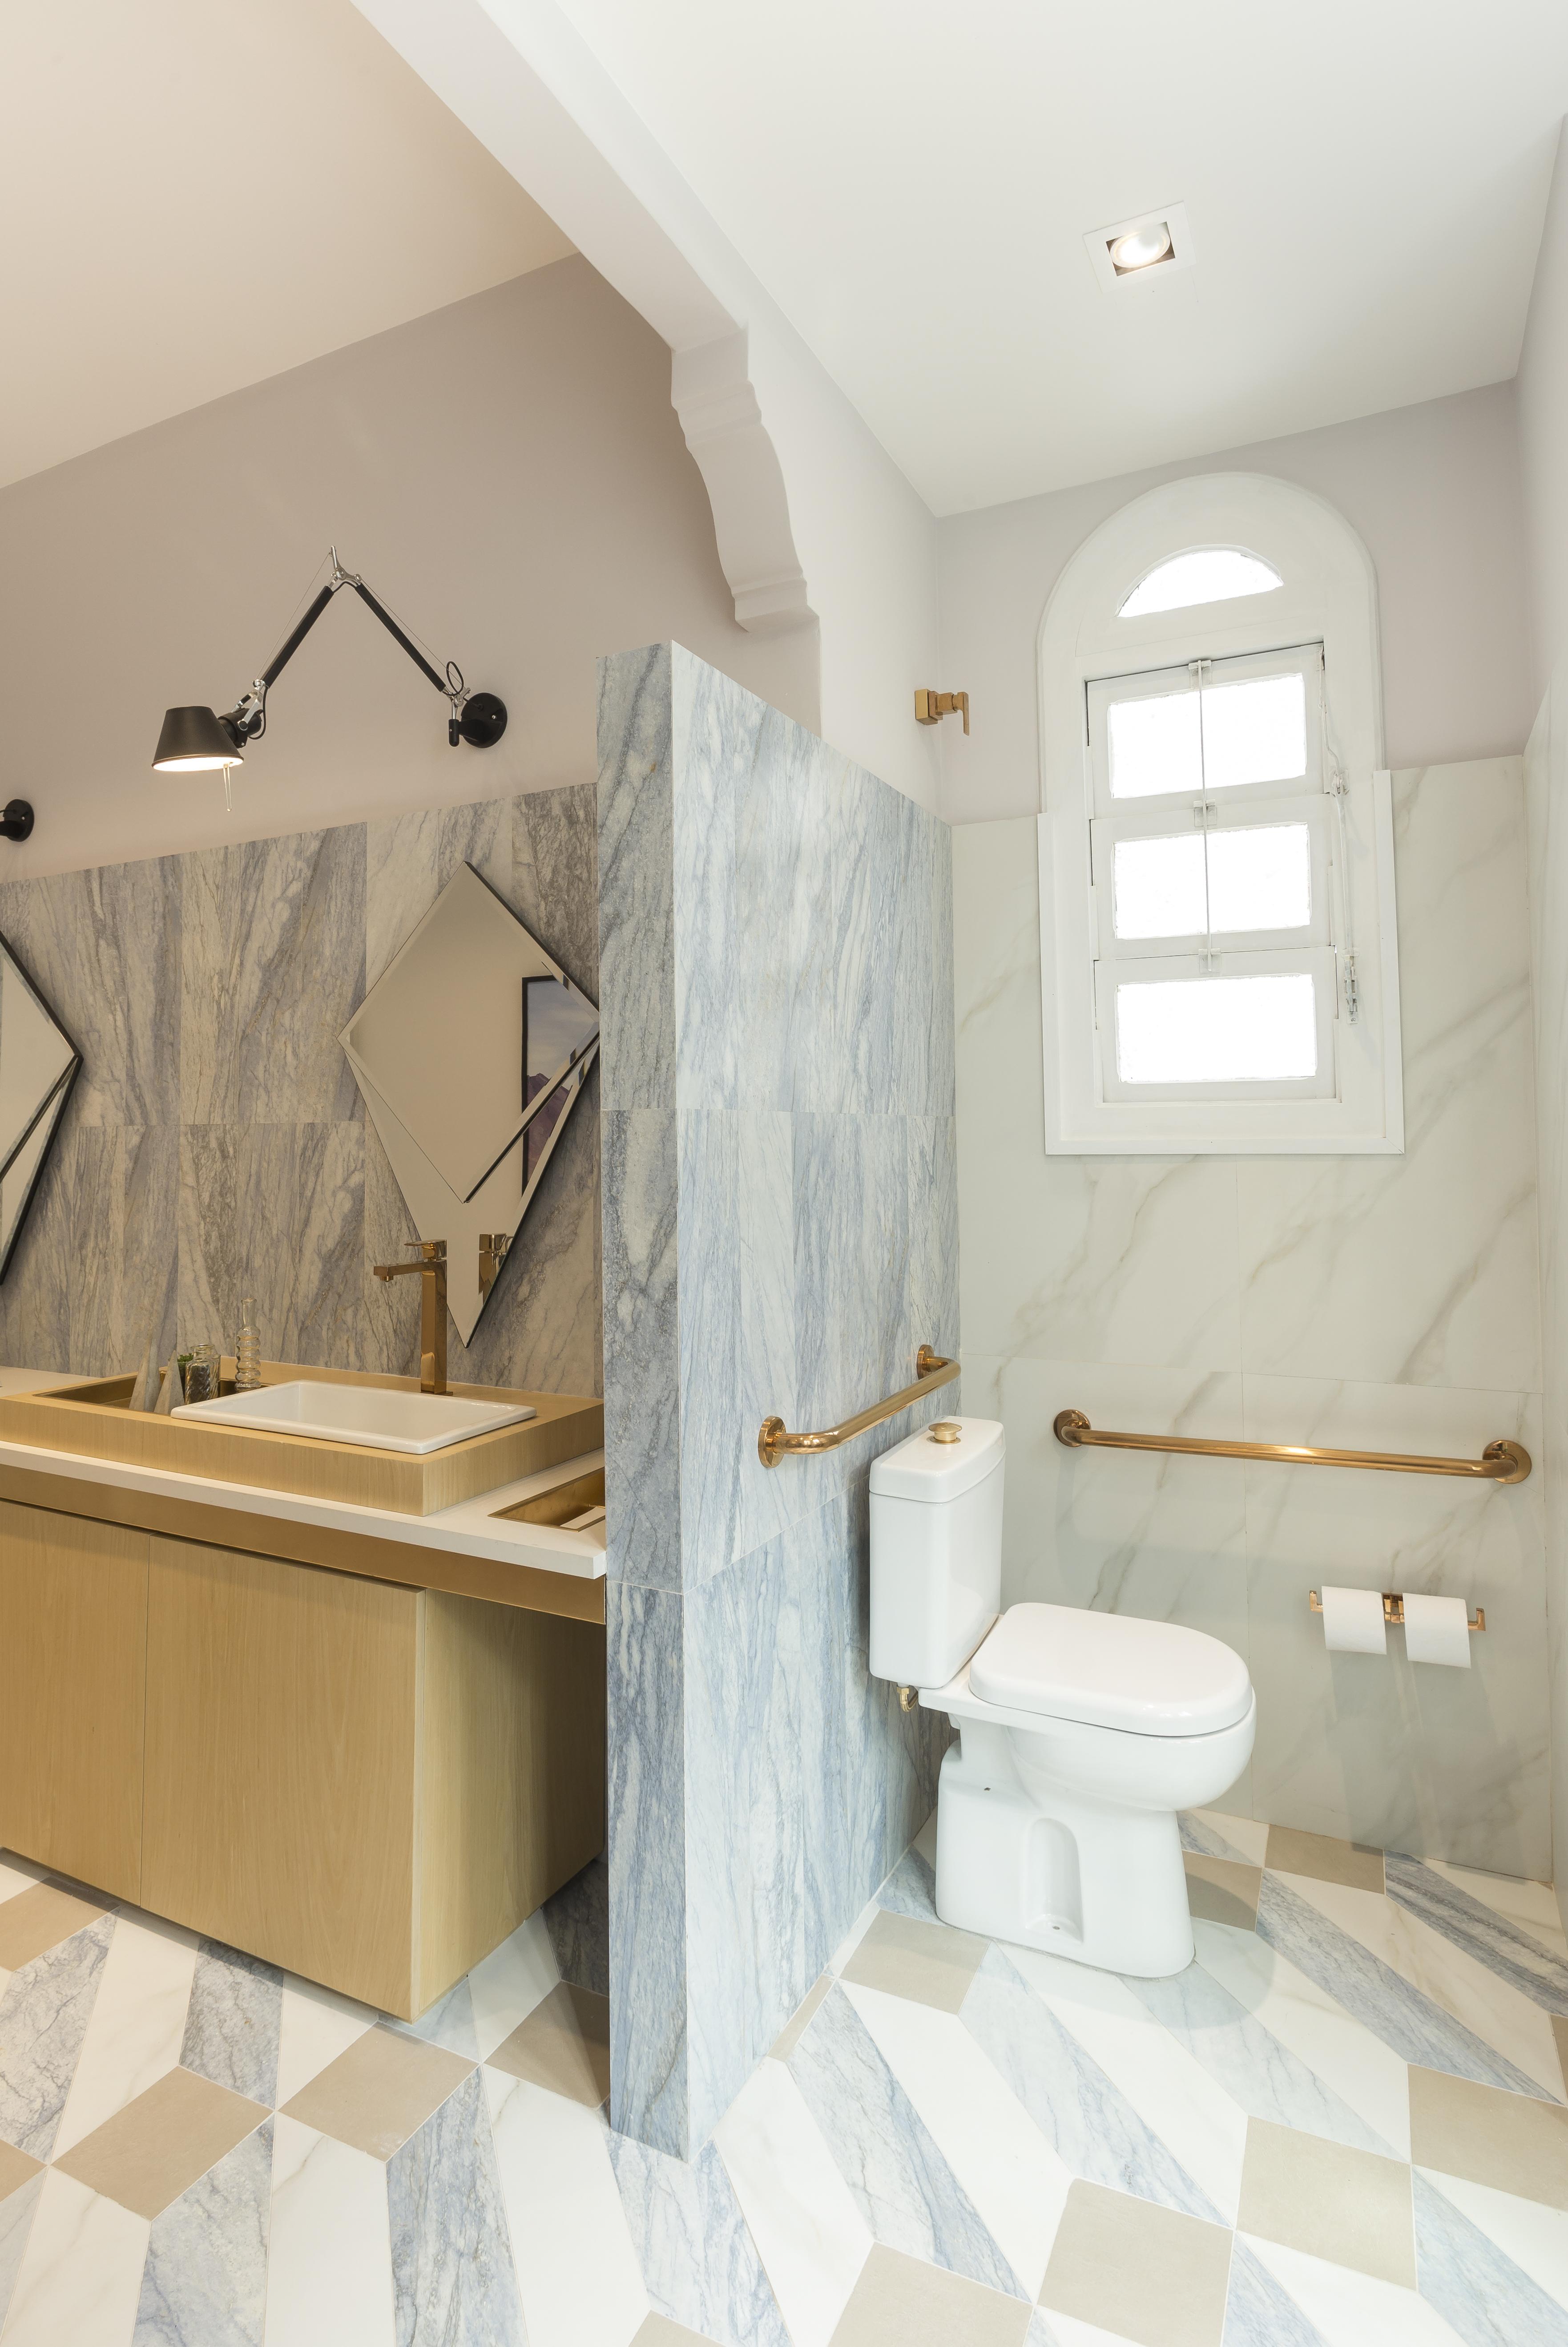 5-inspiracao-do-dia-banheiro-adaptado-com-referencias-do-art-deco